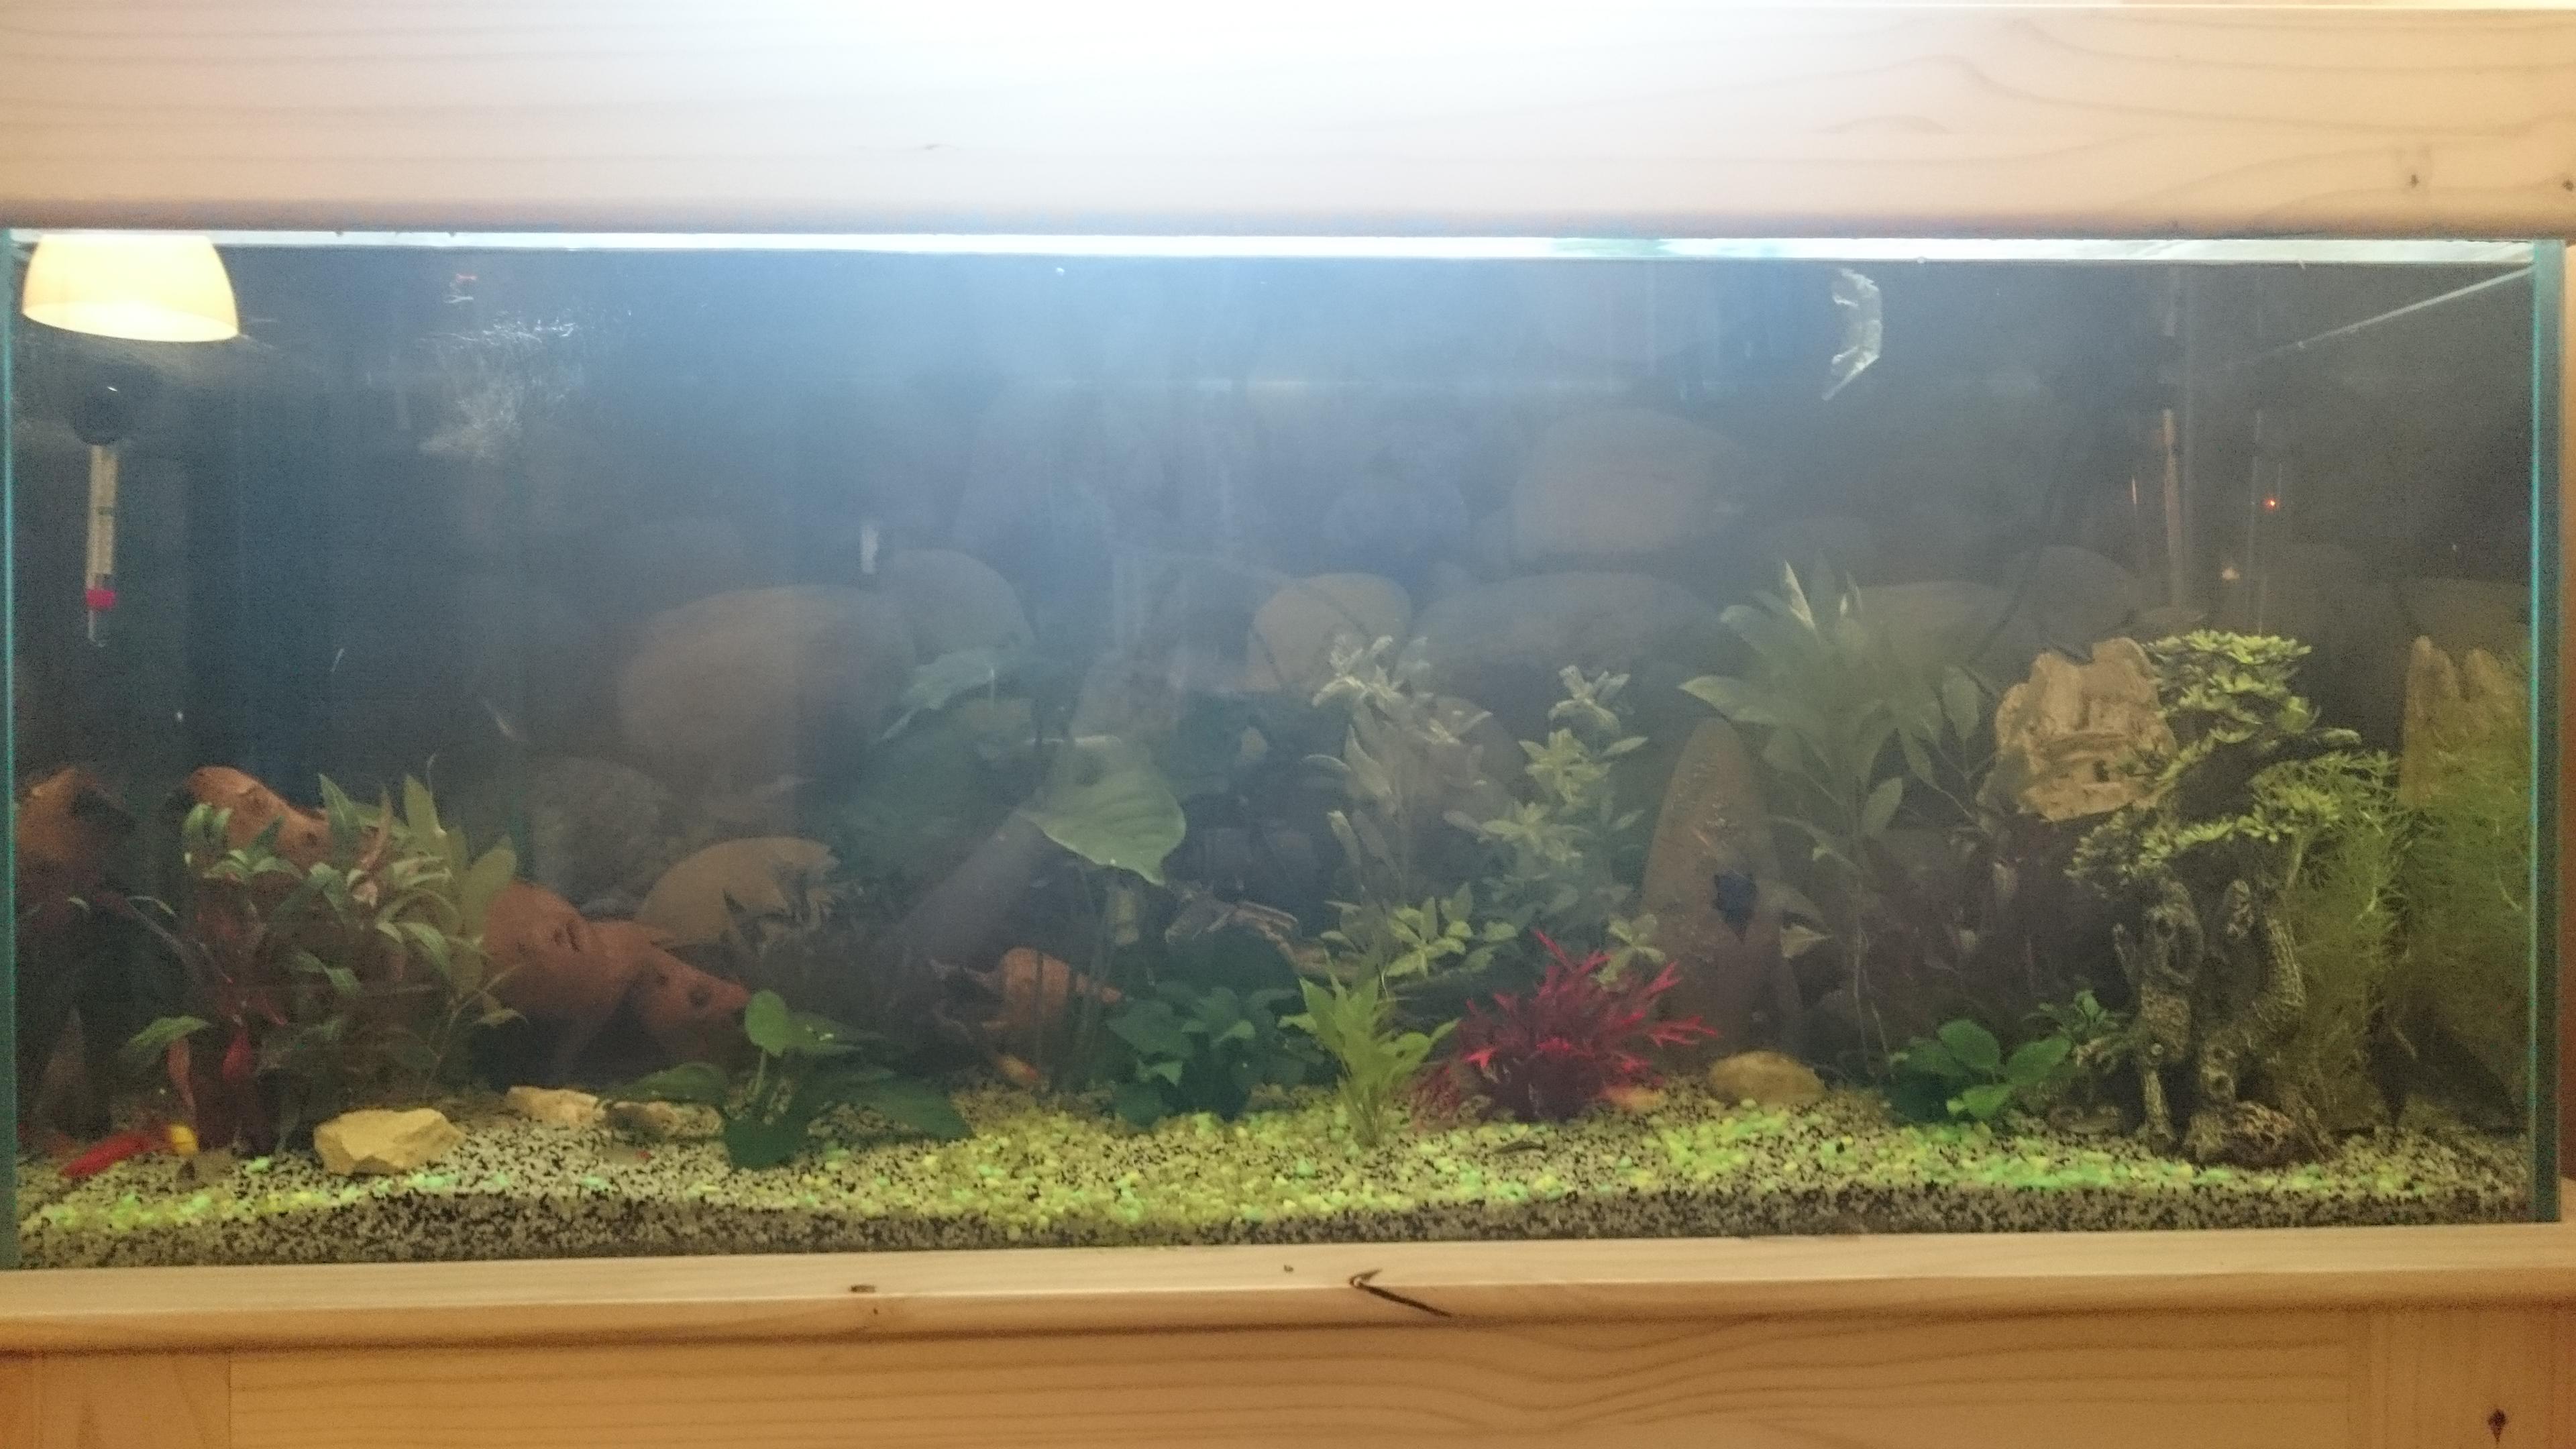 http://kimikooo.free.fr/Aquarium/DSC_0259.JPG